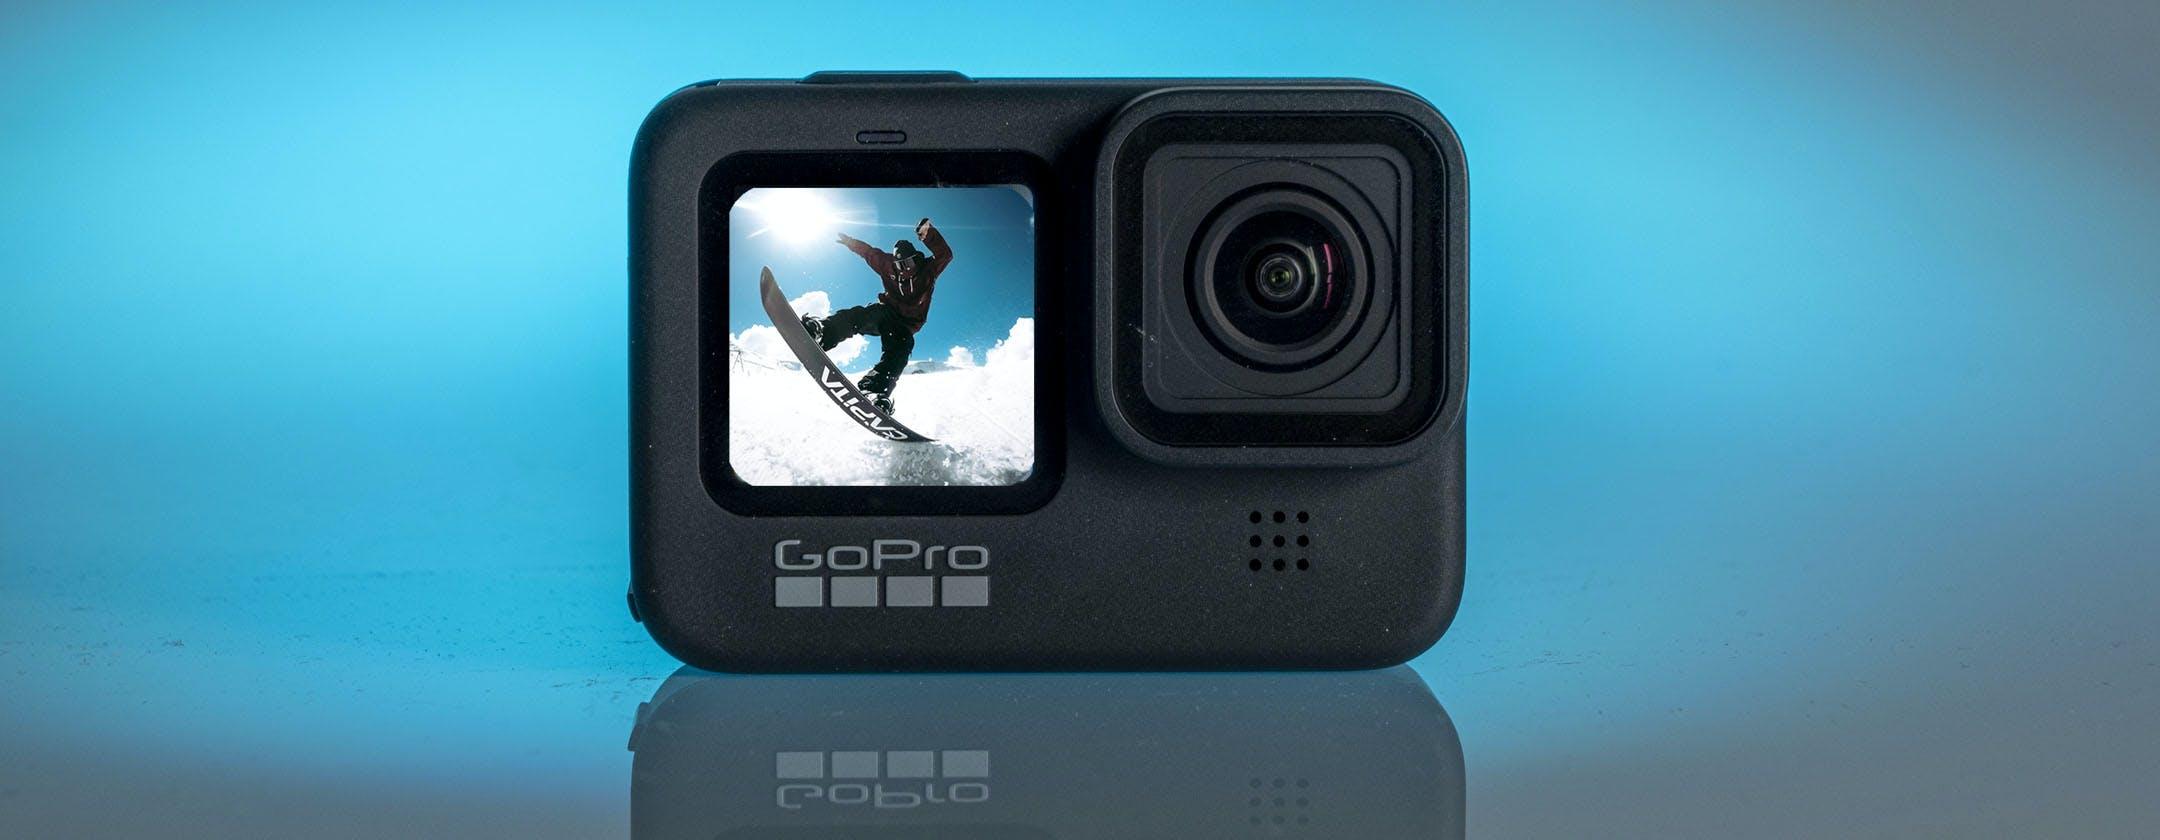 GoPro Hero 9 Black, recensione. Doppio schermo, riprese 5K e tanta autonomia per restare la migliore